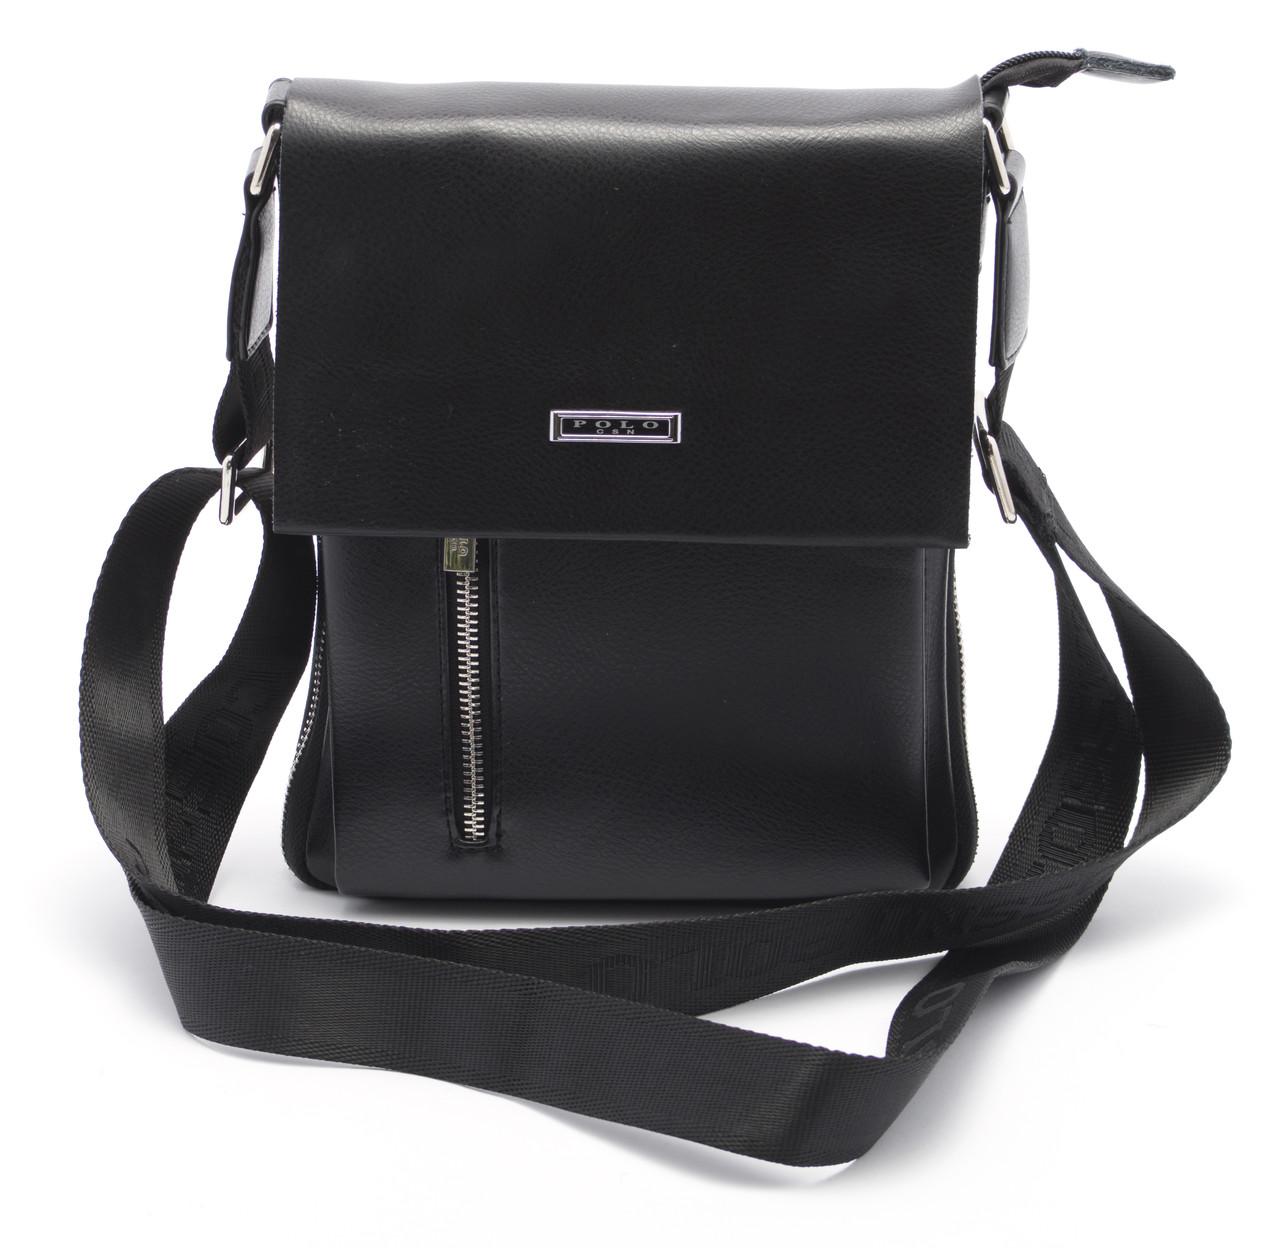 Красивая черная мужская сумка POLO art. 8928-2